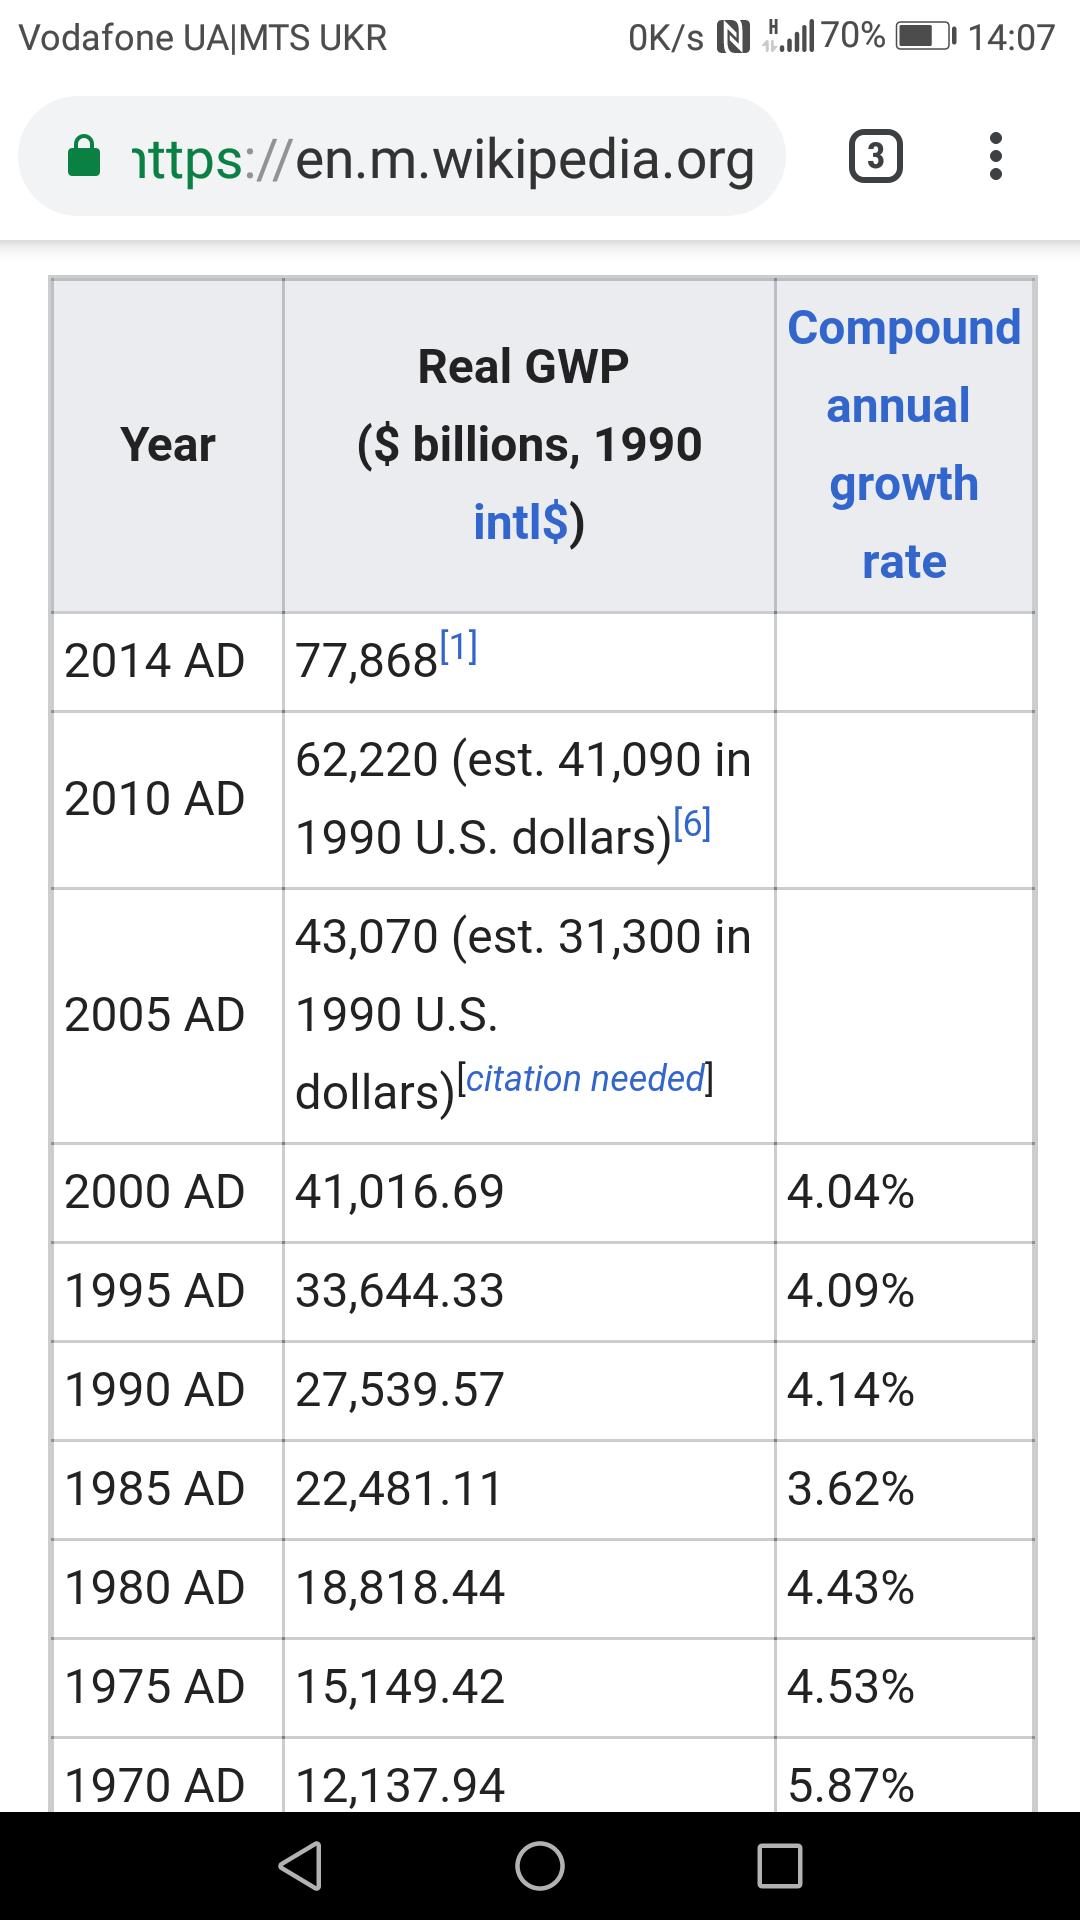 1976 da türkiye nin en büyük 17 ekonomi olması